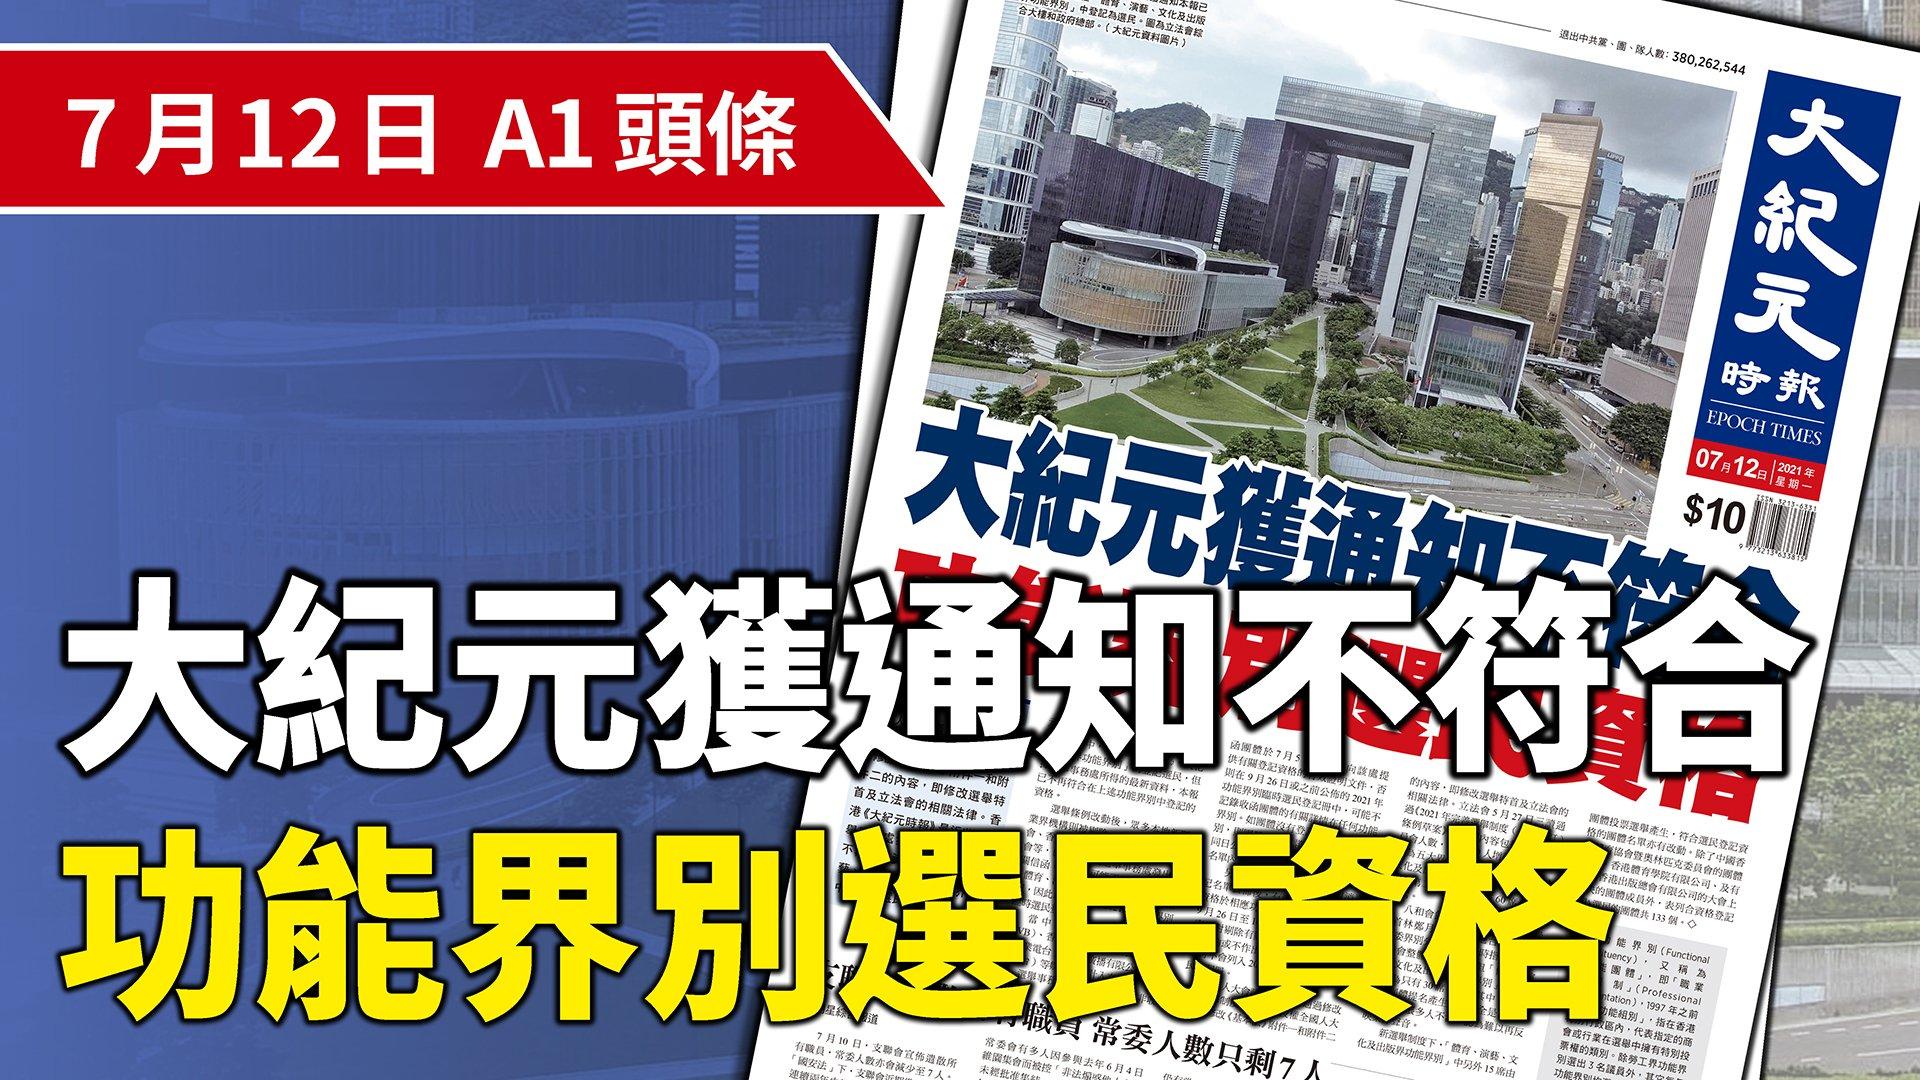 香港《大紀元時報》近日接獲通知本報已不再符合資格在「體育、演藝、文化及出版界功能界別」中登記為選民。圖為立法會綜合大樓和政府總部。(大紀元資料圖片)